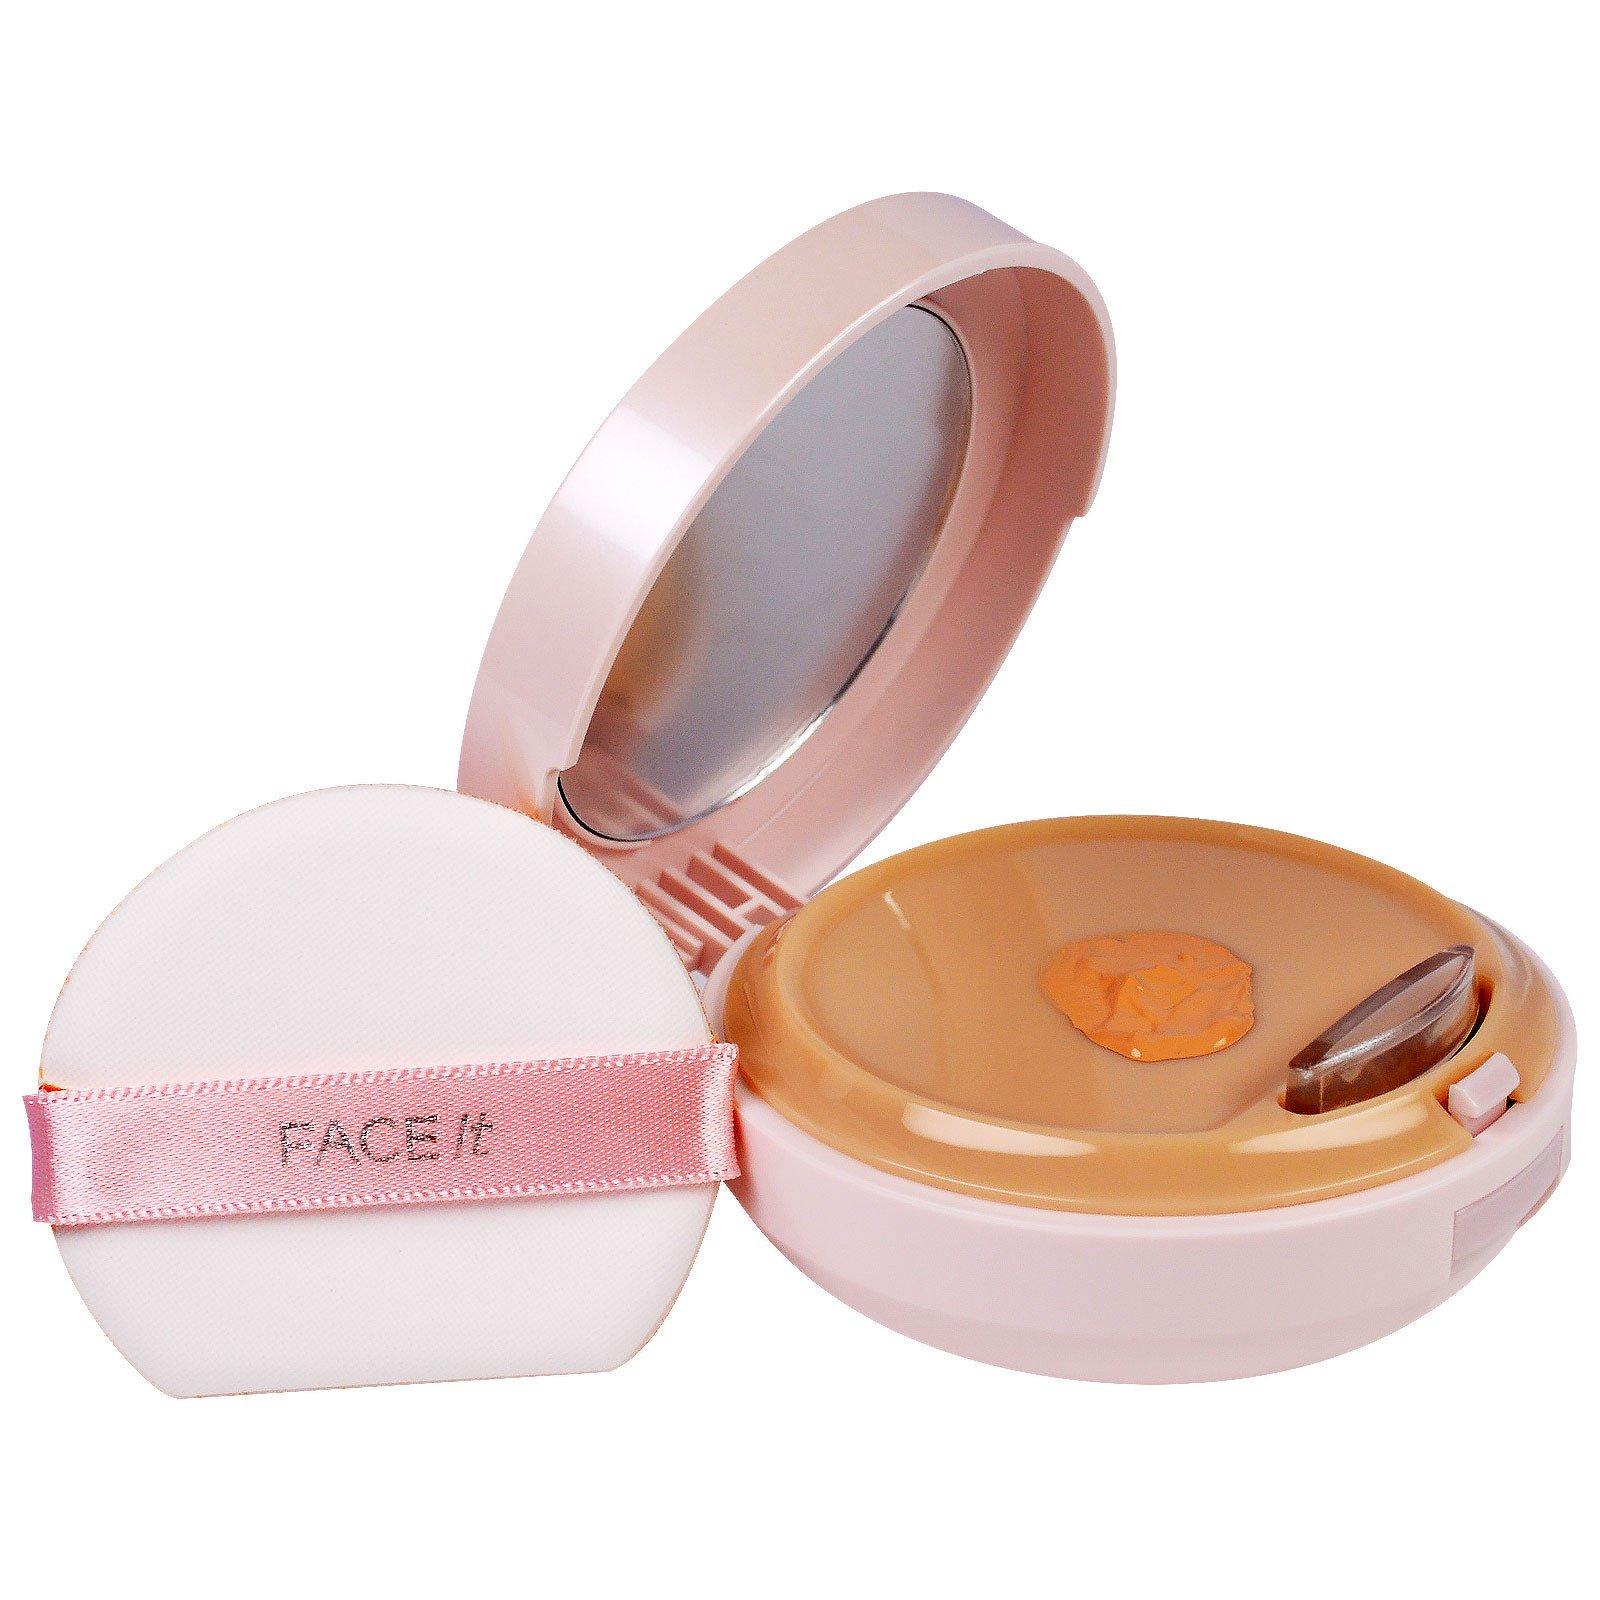 The Face Shop, Крем CC для управления цветом, фактор защиты от солнца 30, Натуральный бежевый 02, 0,70 унции (20 г)